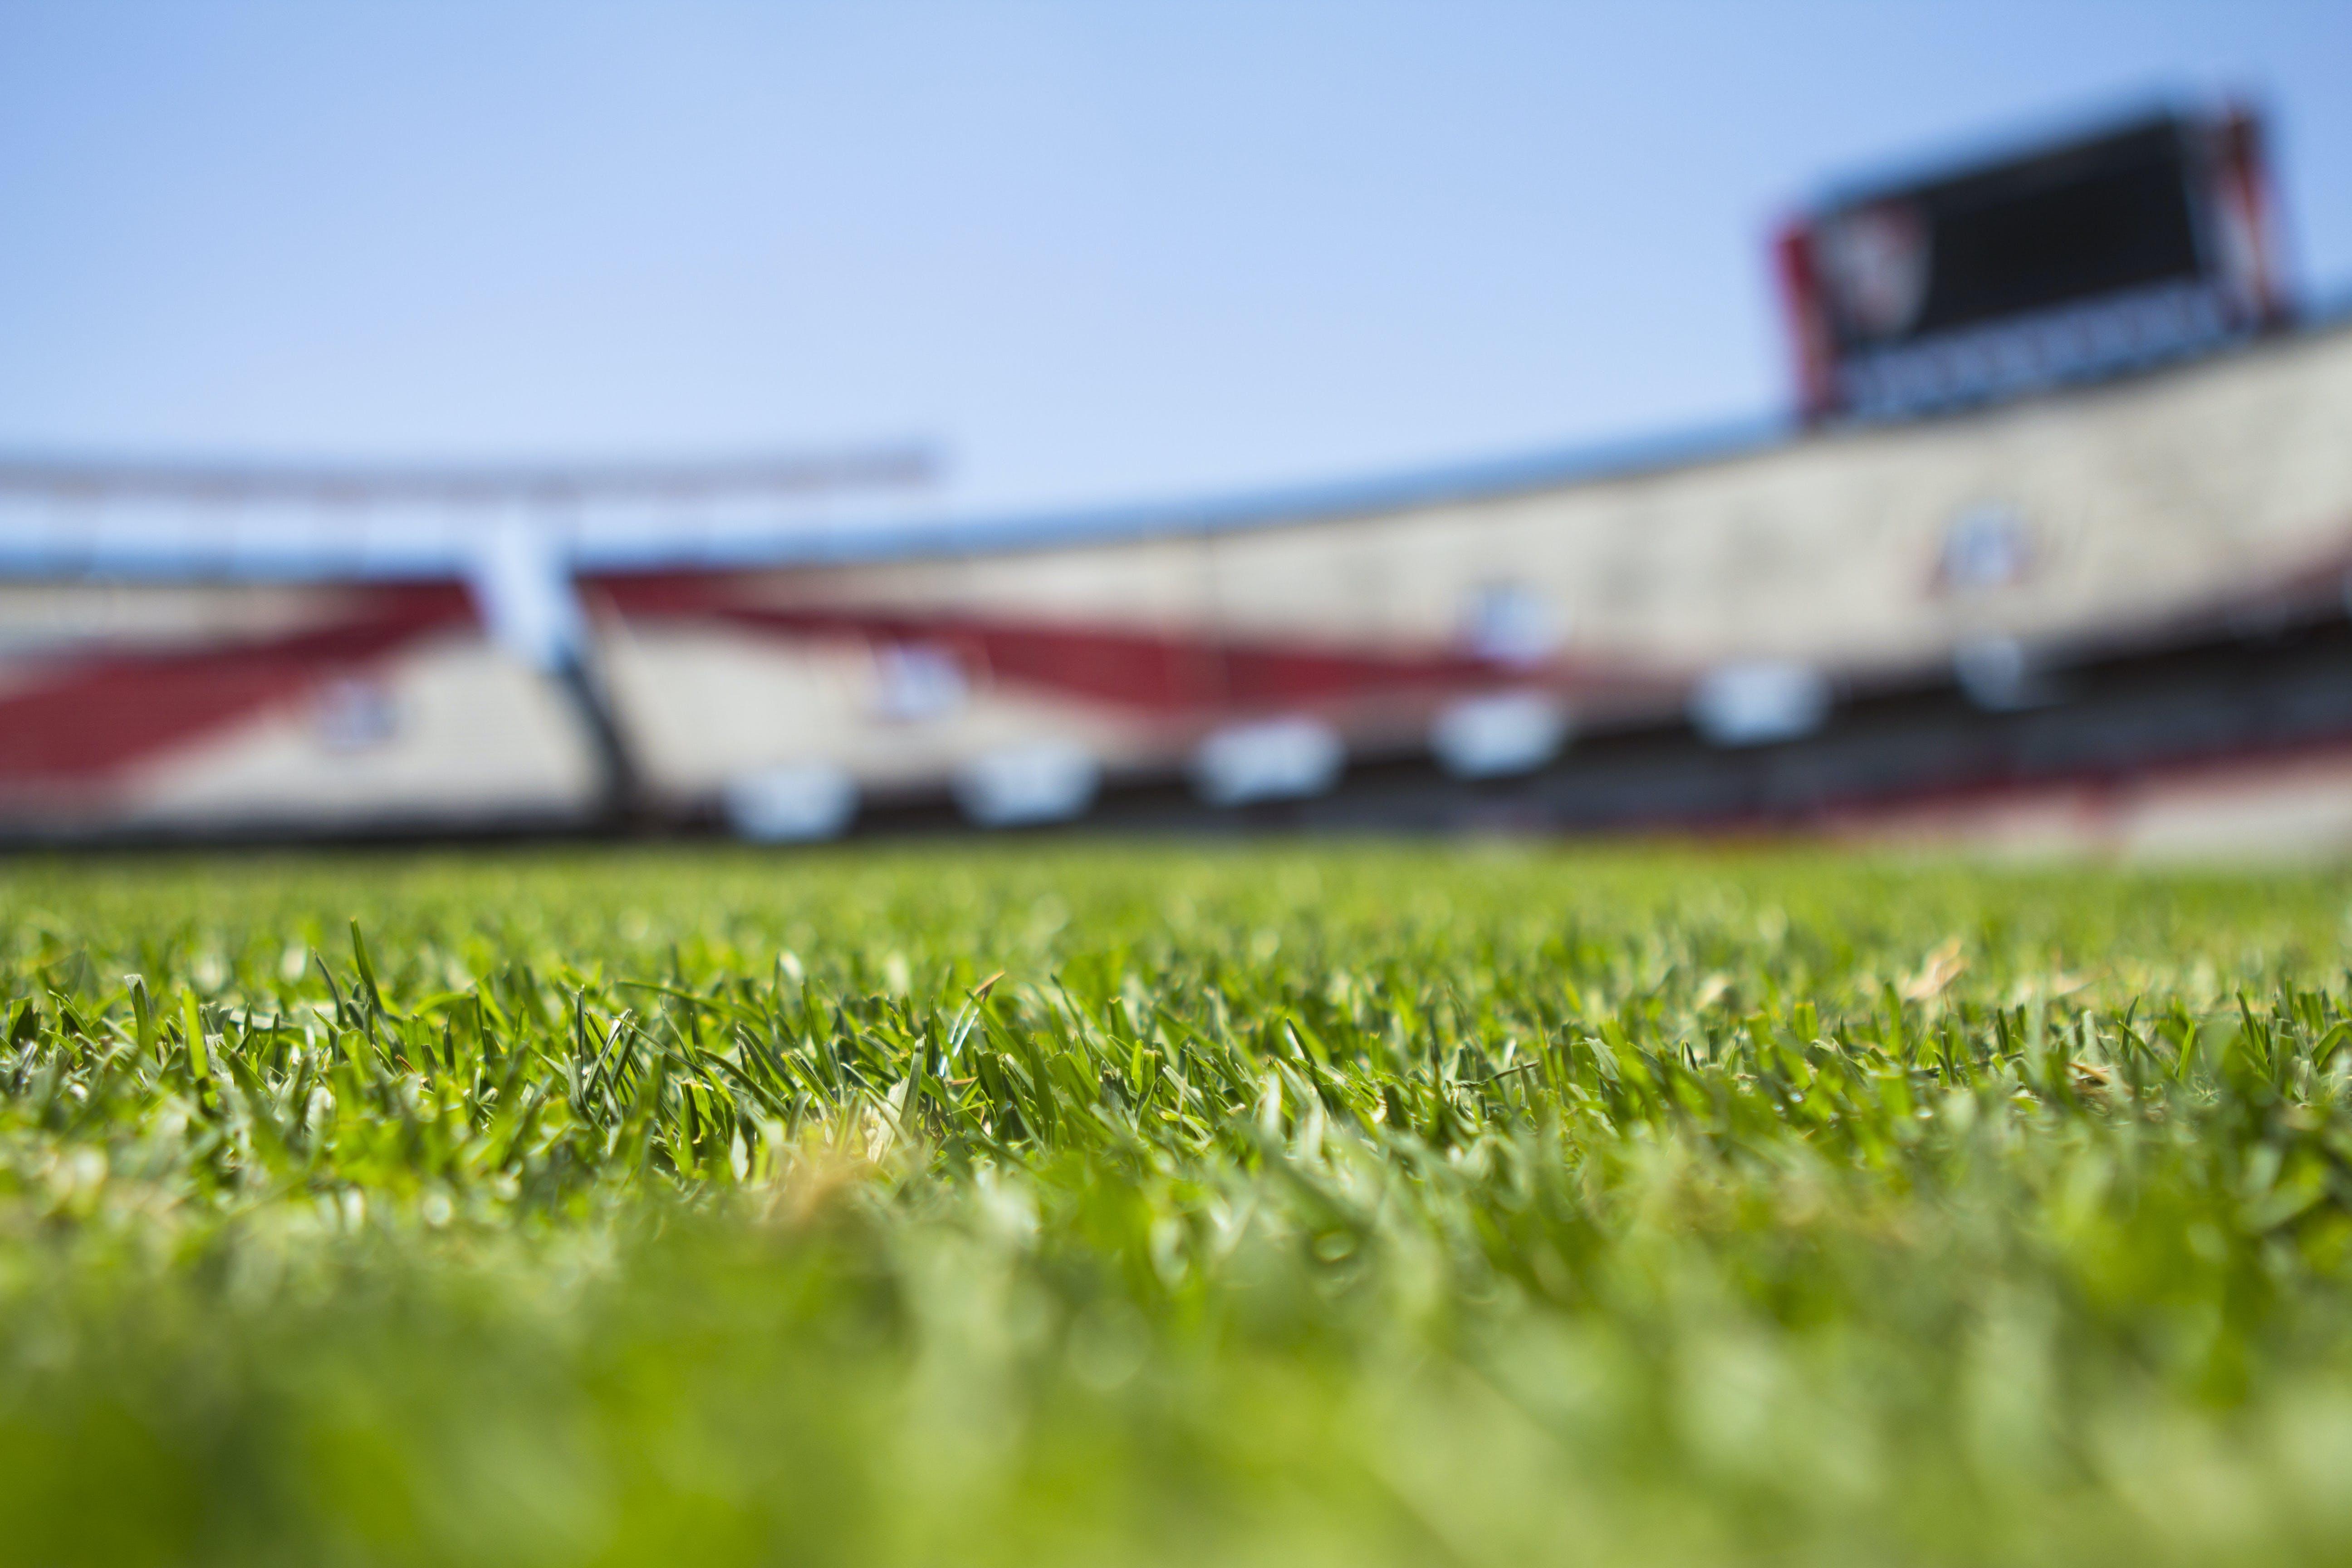 Gratis stockfoto met depth of field, gras, groen, sportveld